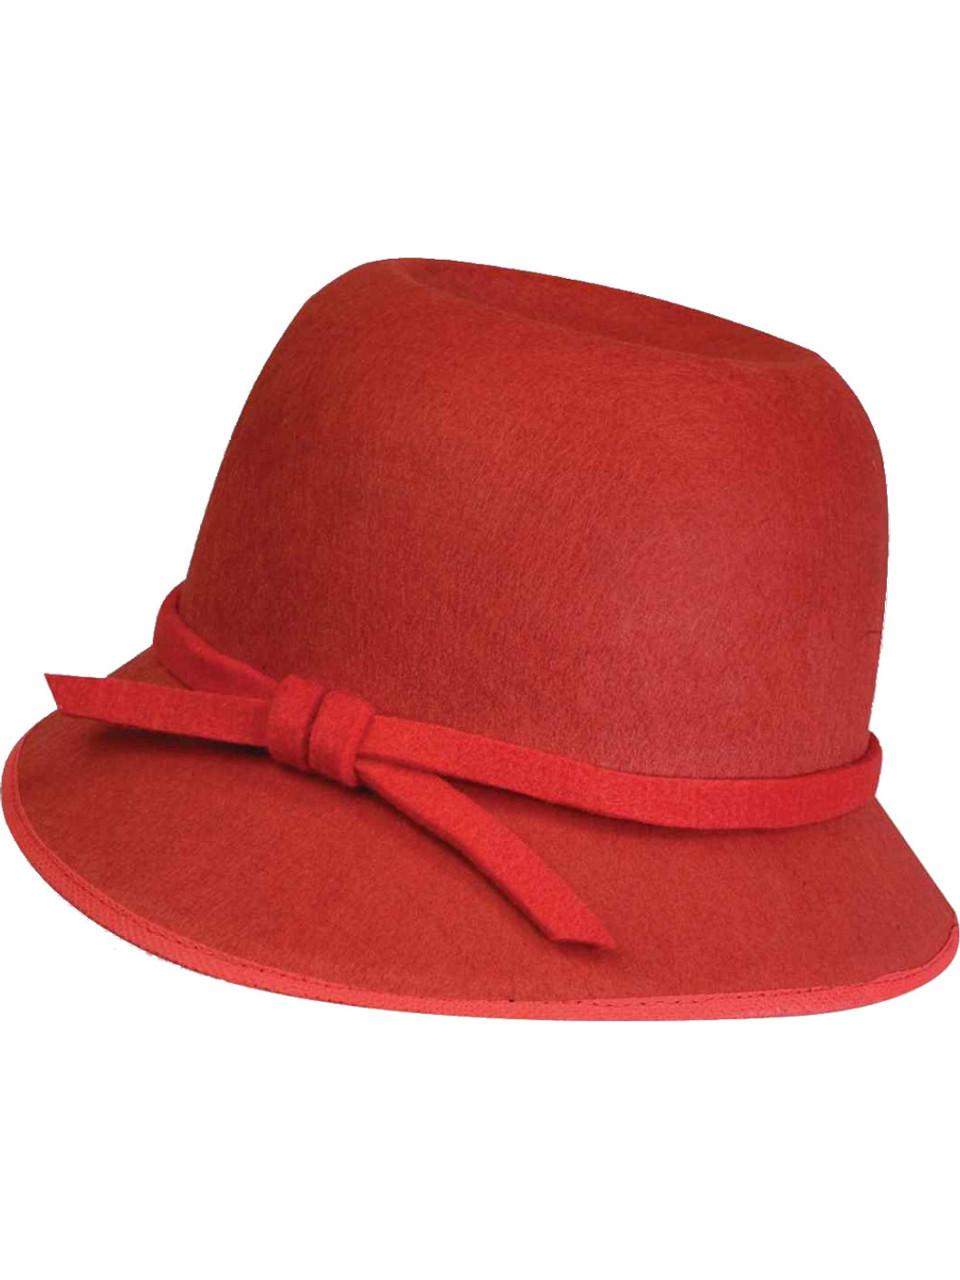 Deluxe Roaring 20s Metallic Red Flapper Girl Cloche Hat